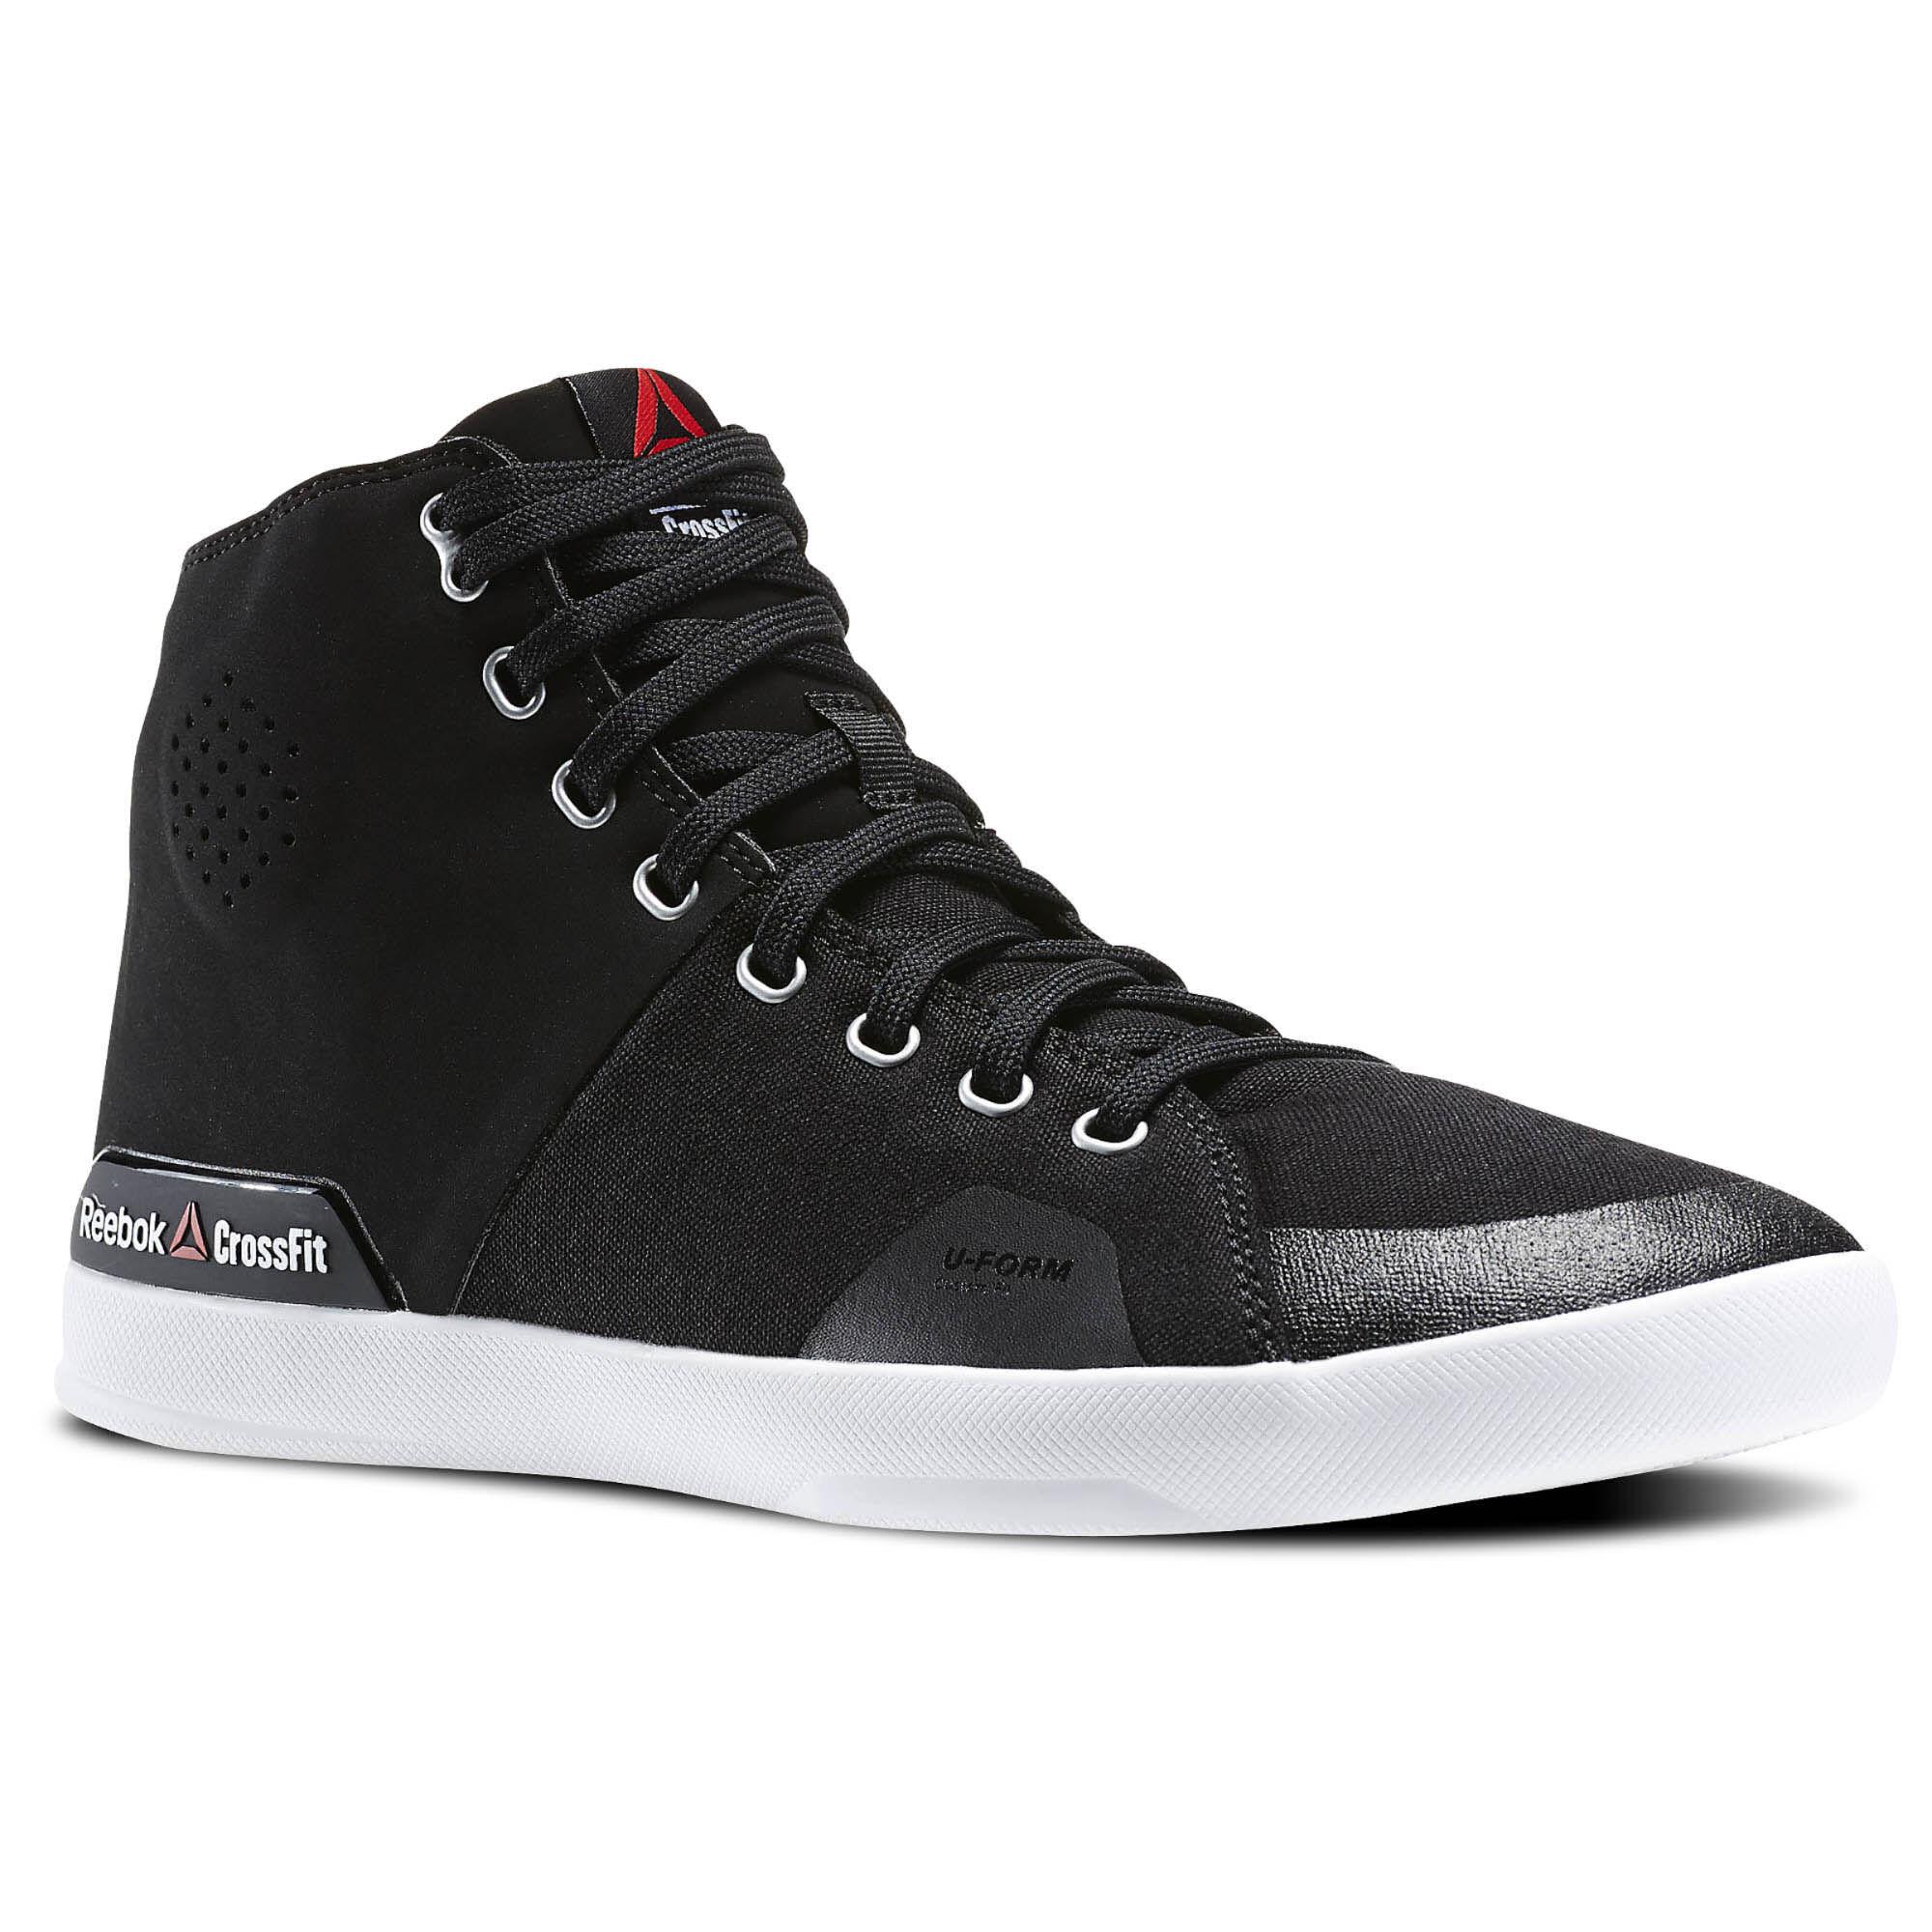 Reebok Women's CrossFit Lite Low TR Canvas Training Shoes - Black Black C76h2033